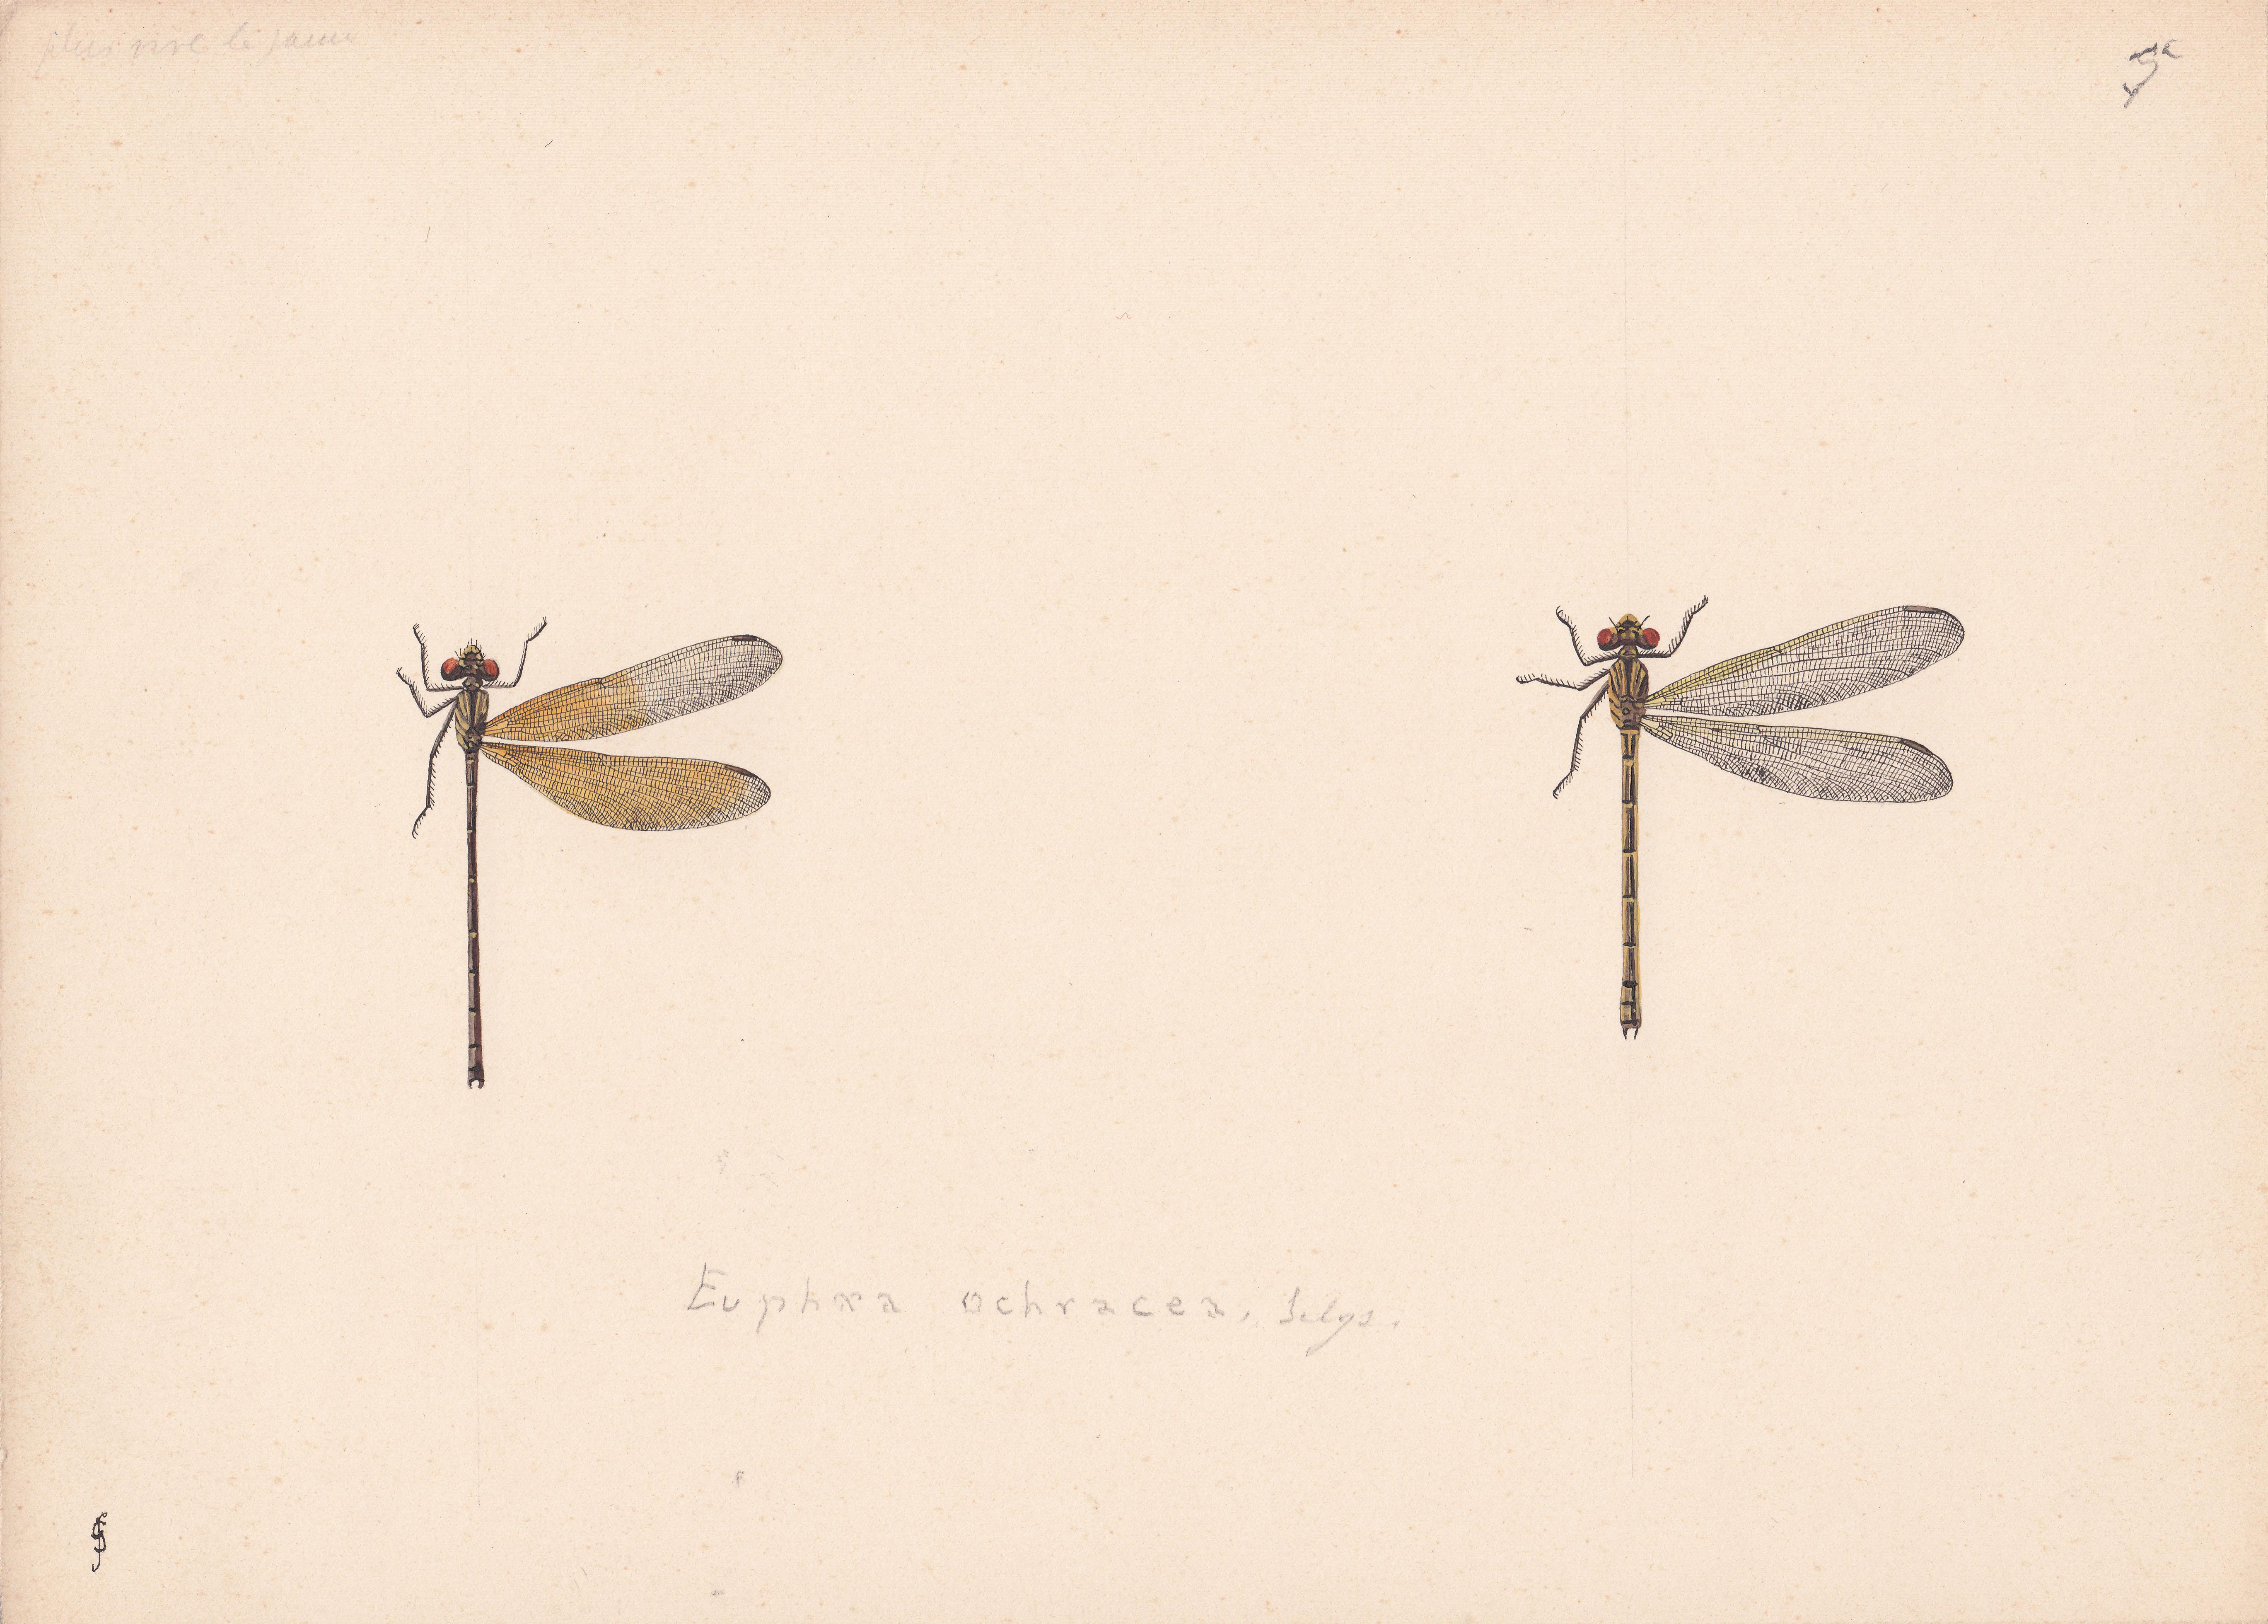 Euphaea ochracea.jpg